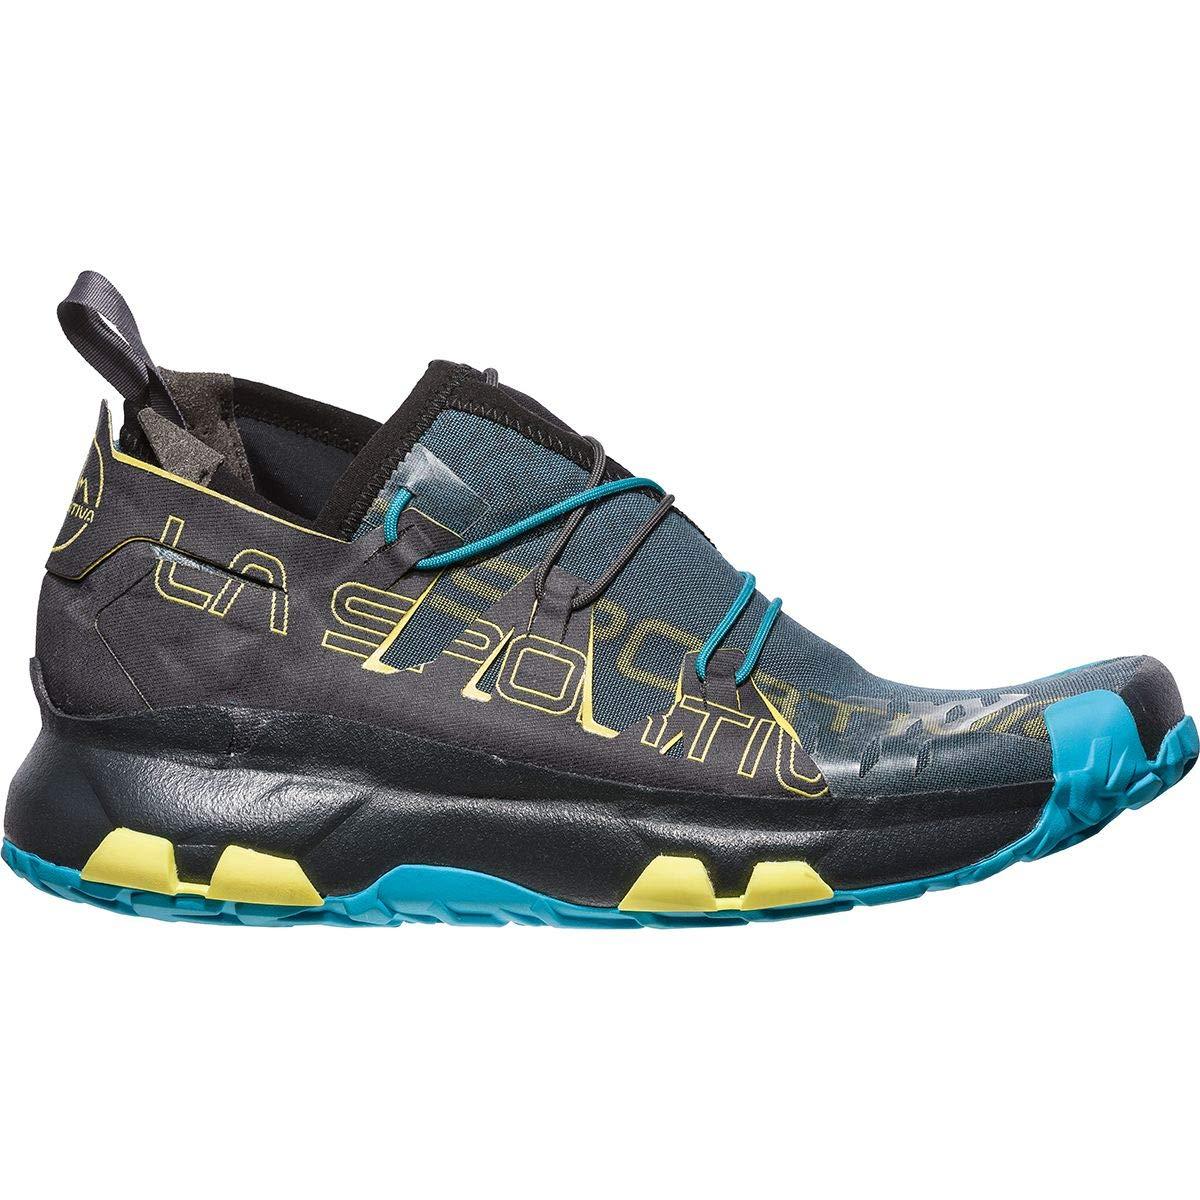 La Sportiva Unika, Hauszapatos de Trail Running para Hombre MultiColor (Carbon   Tropic azul 000)